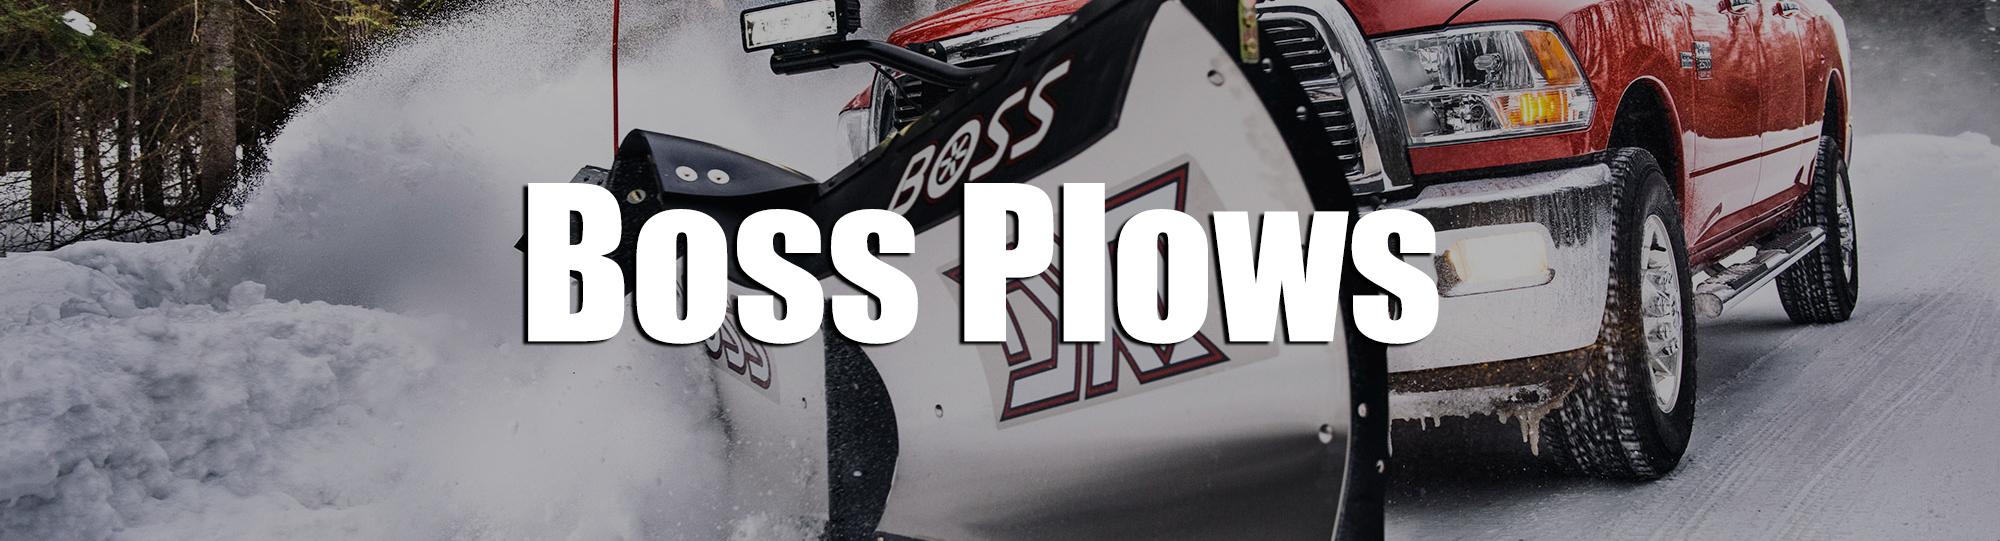 Boss Plows Banner